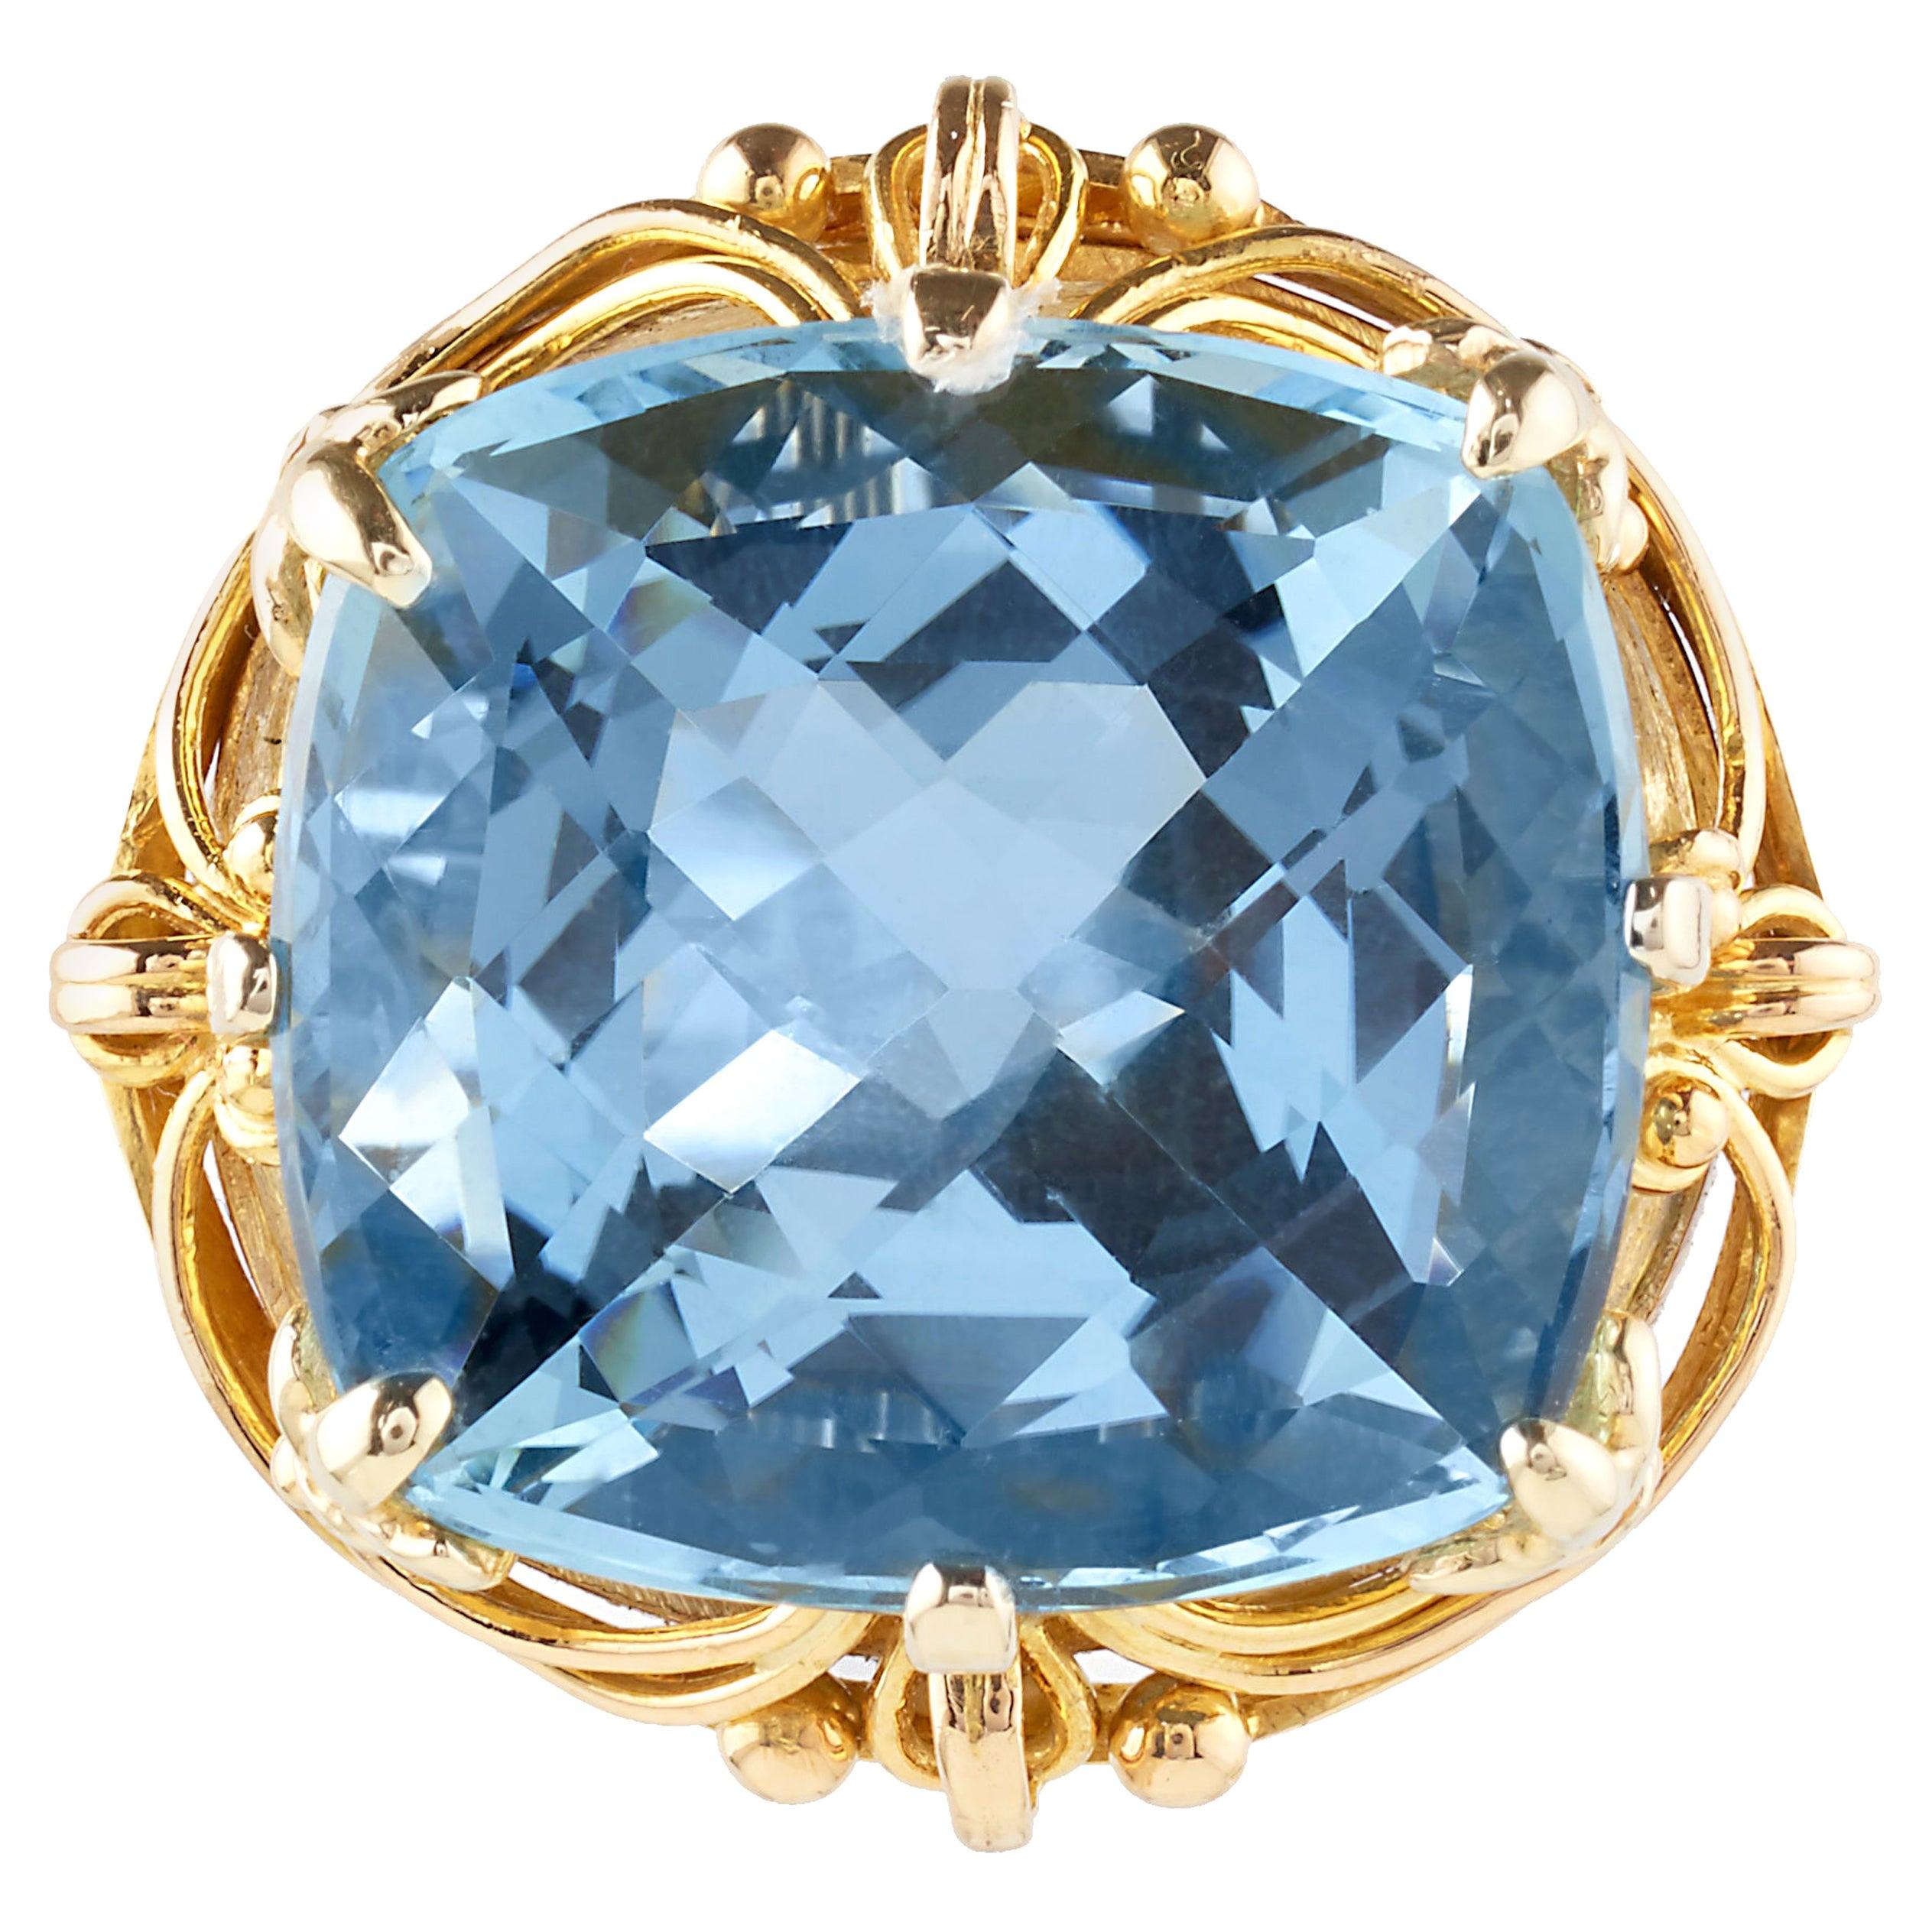 15 Carat Blue Quartz Ring